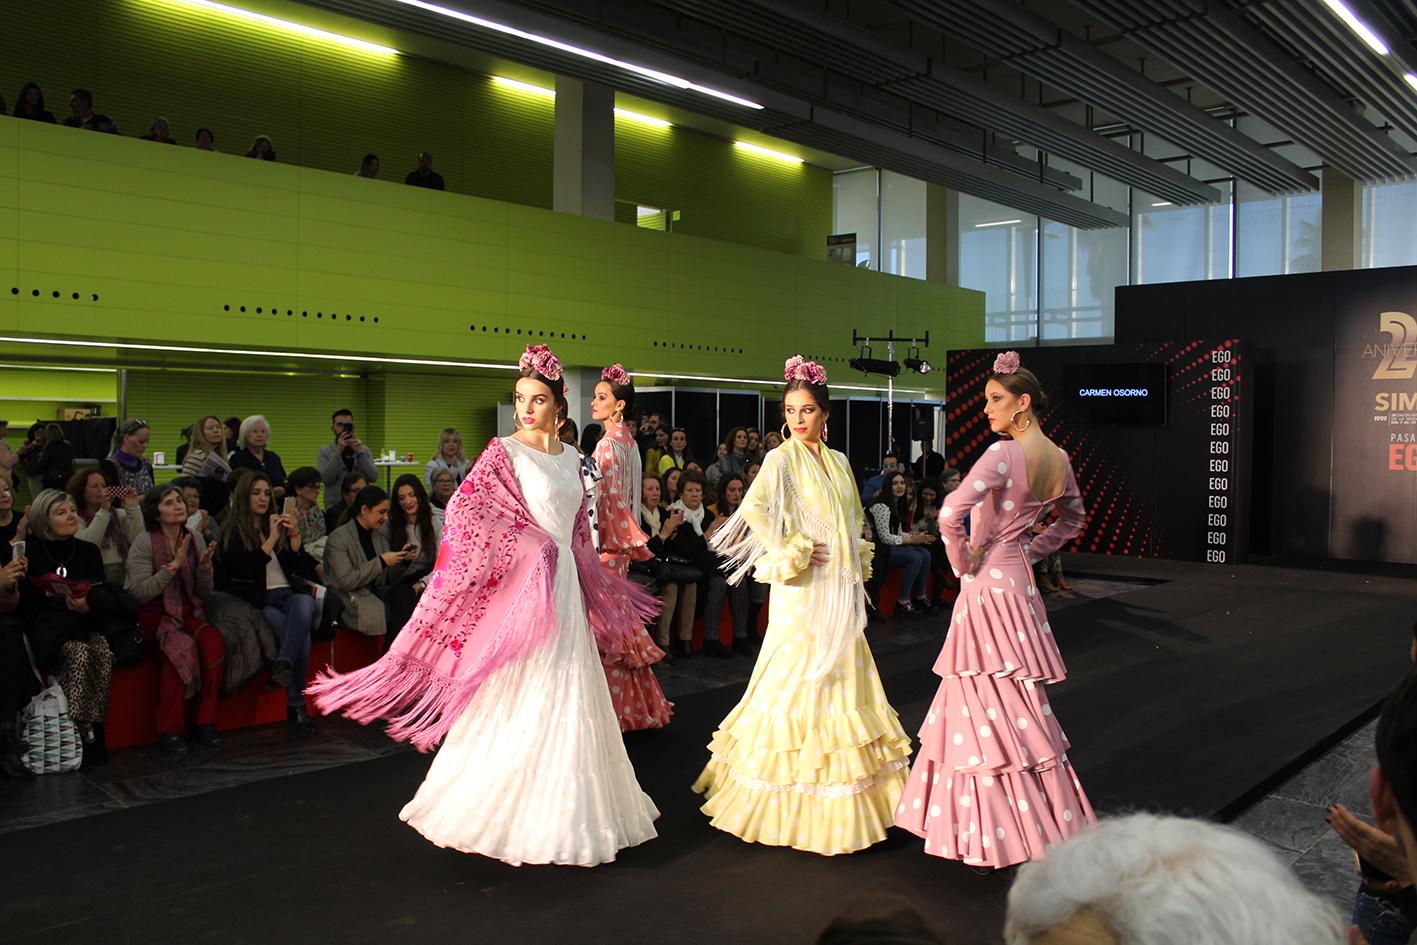 77a7ad827 La moda flamenca onubense muestra ya sus nuevos diseños y creaciones ...